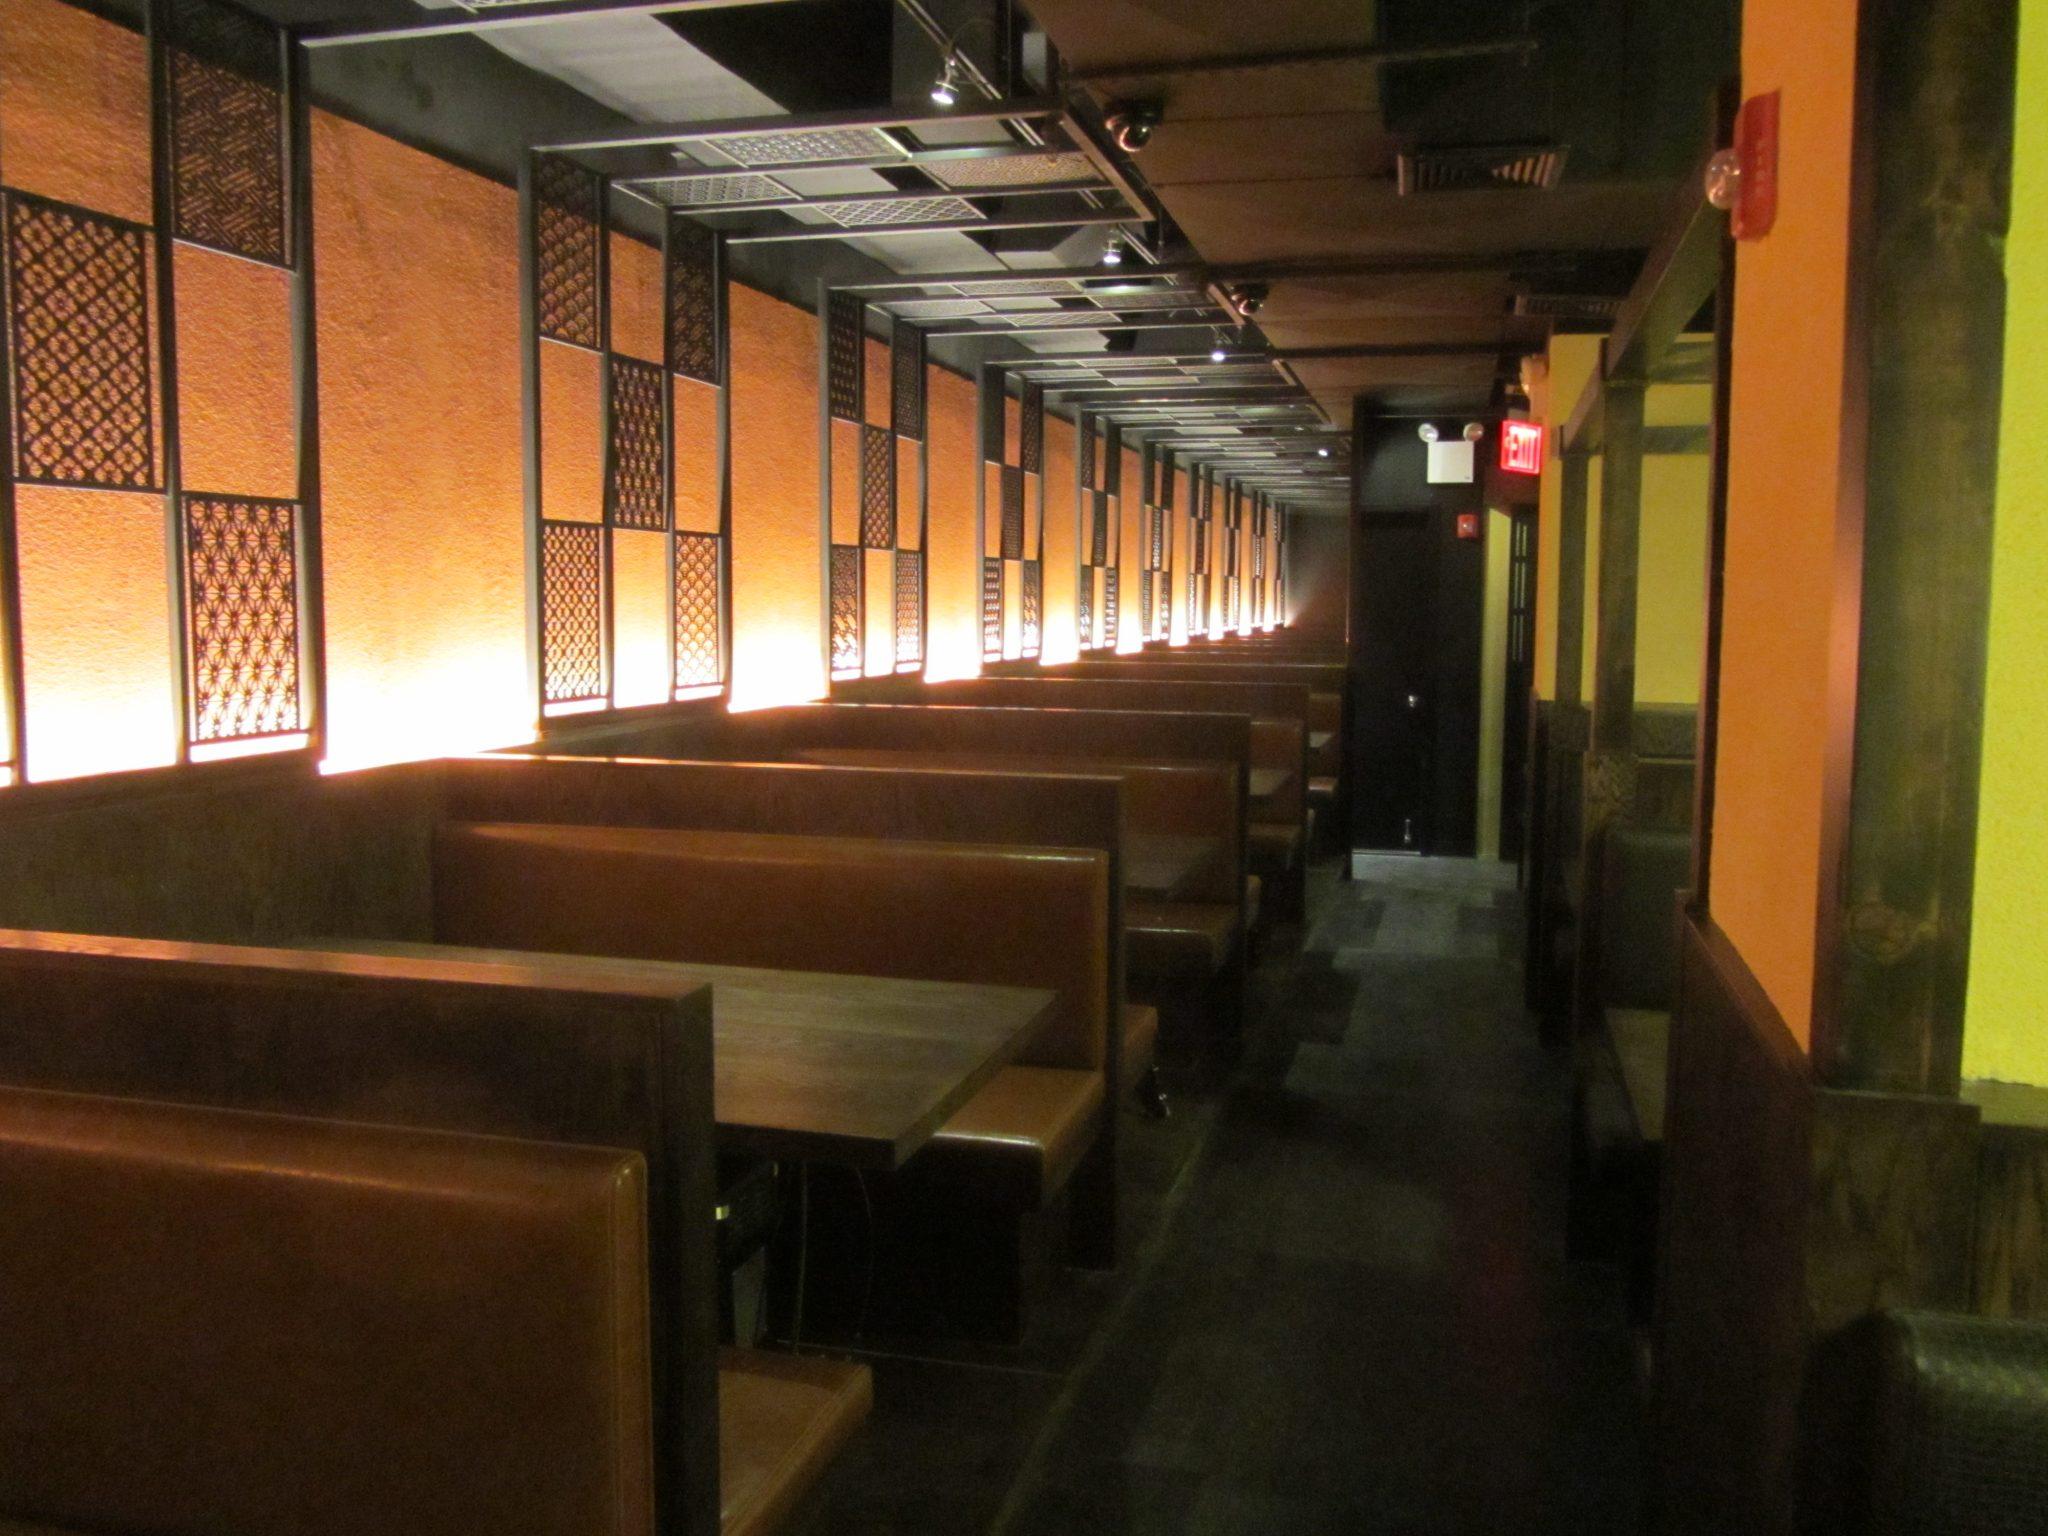 Gyu-Kaku Times Square Interior